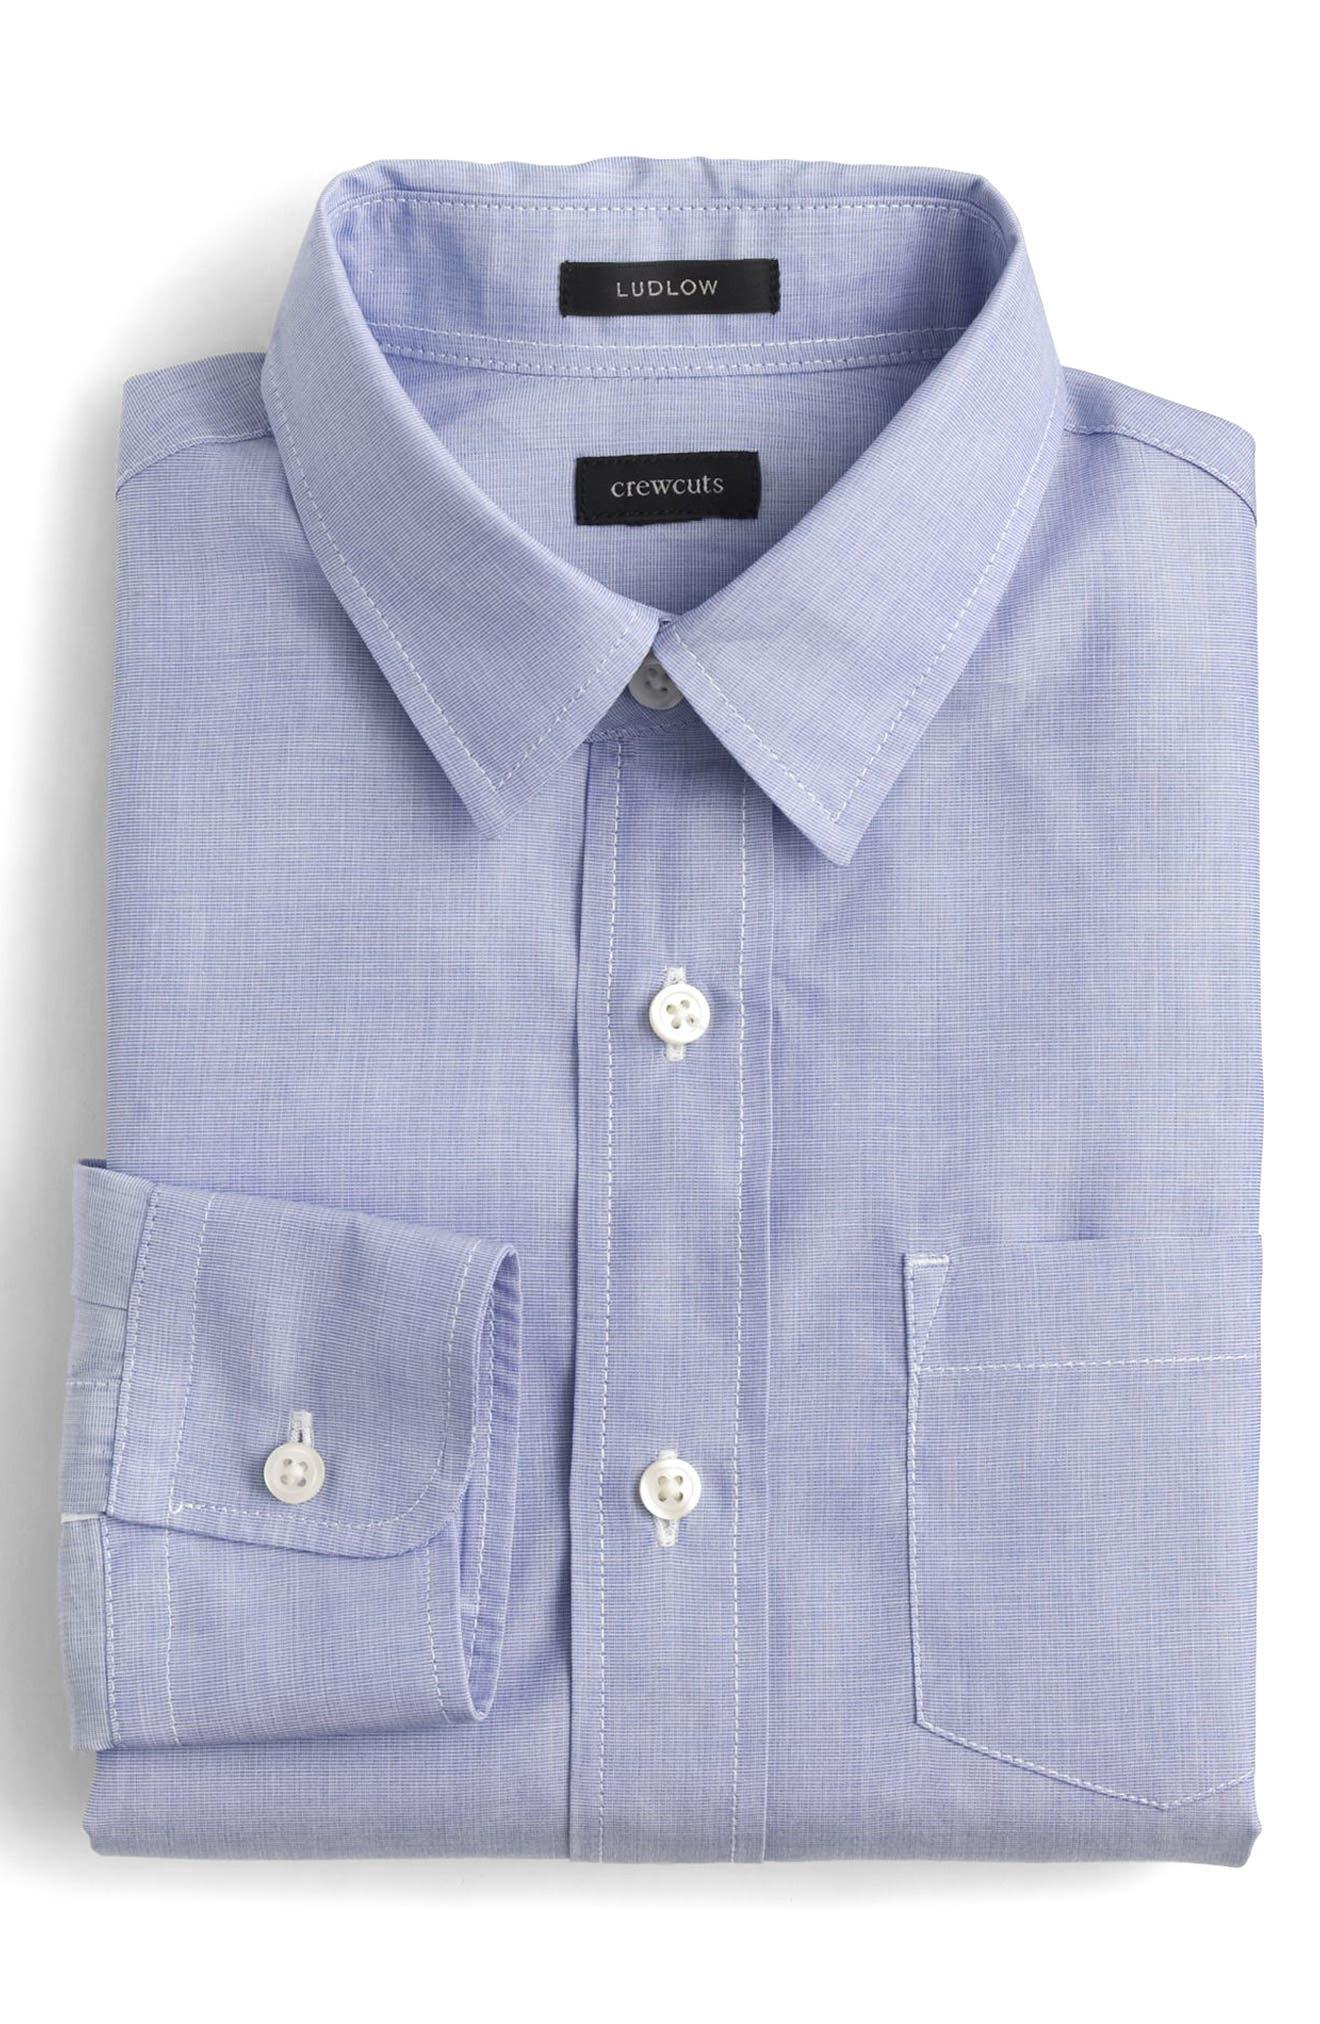 Ludlow Dress Shirt,                         Main,                         color, Fairweather Blue Bl7786